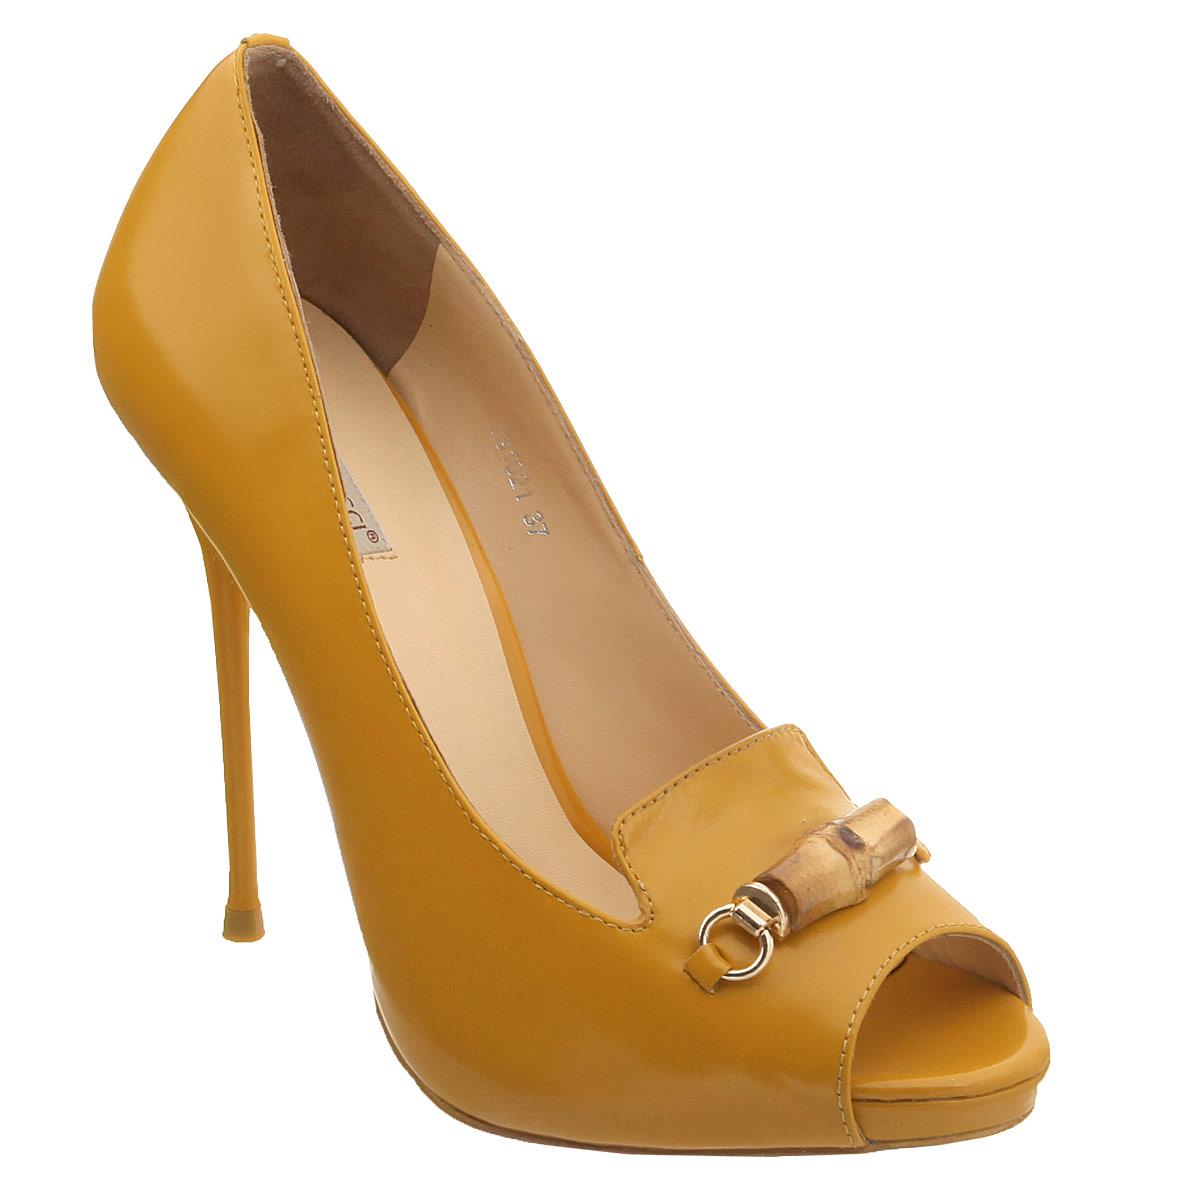 591021Модные женские туфли Vitacci, стилизованные под лоферы, заинтересуют вас своим дизайном. Модель выполнена из натуральной высококачественной кожи. Мыс туфель оформлен металлическим украшением оригинальной формы со вставкой из бамбука. Открытый носок добавляет женственности в образ. Верх изделия дополнен небольшими вырезами. Подкладка и стелька из натуральной кожи обеспечивают комфорт при движении. Ультравысокий каблук-шпилька компенсирован скрытой платформой. Подошва дополнена противоскользящим рифлением. Роскошные туфли помогут вам создать элегантный образ.